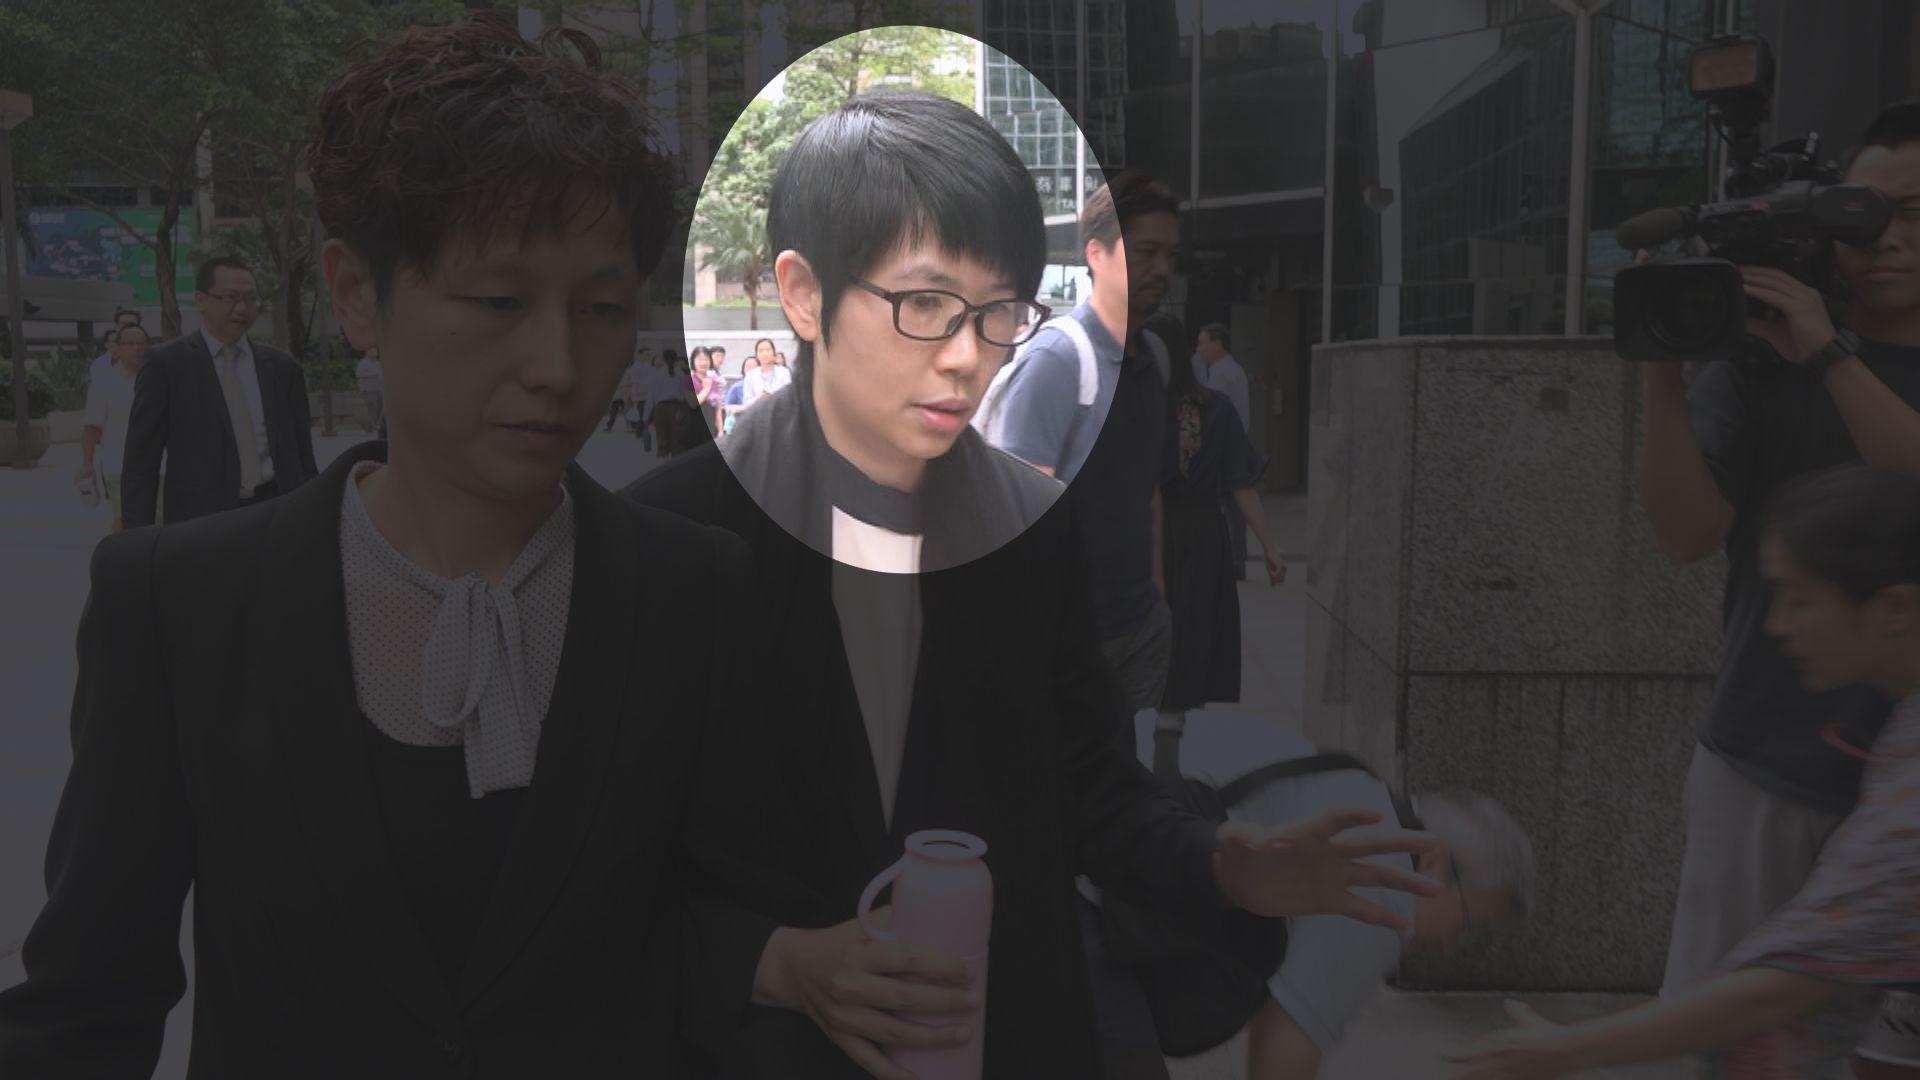 張智霖前經理人欺詐罪成 判囚兩年